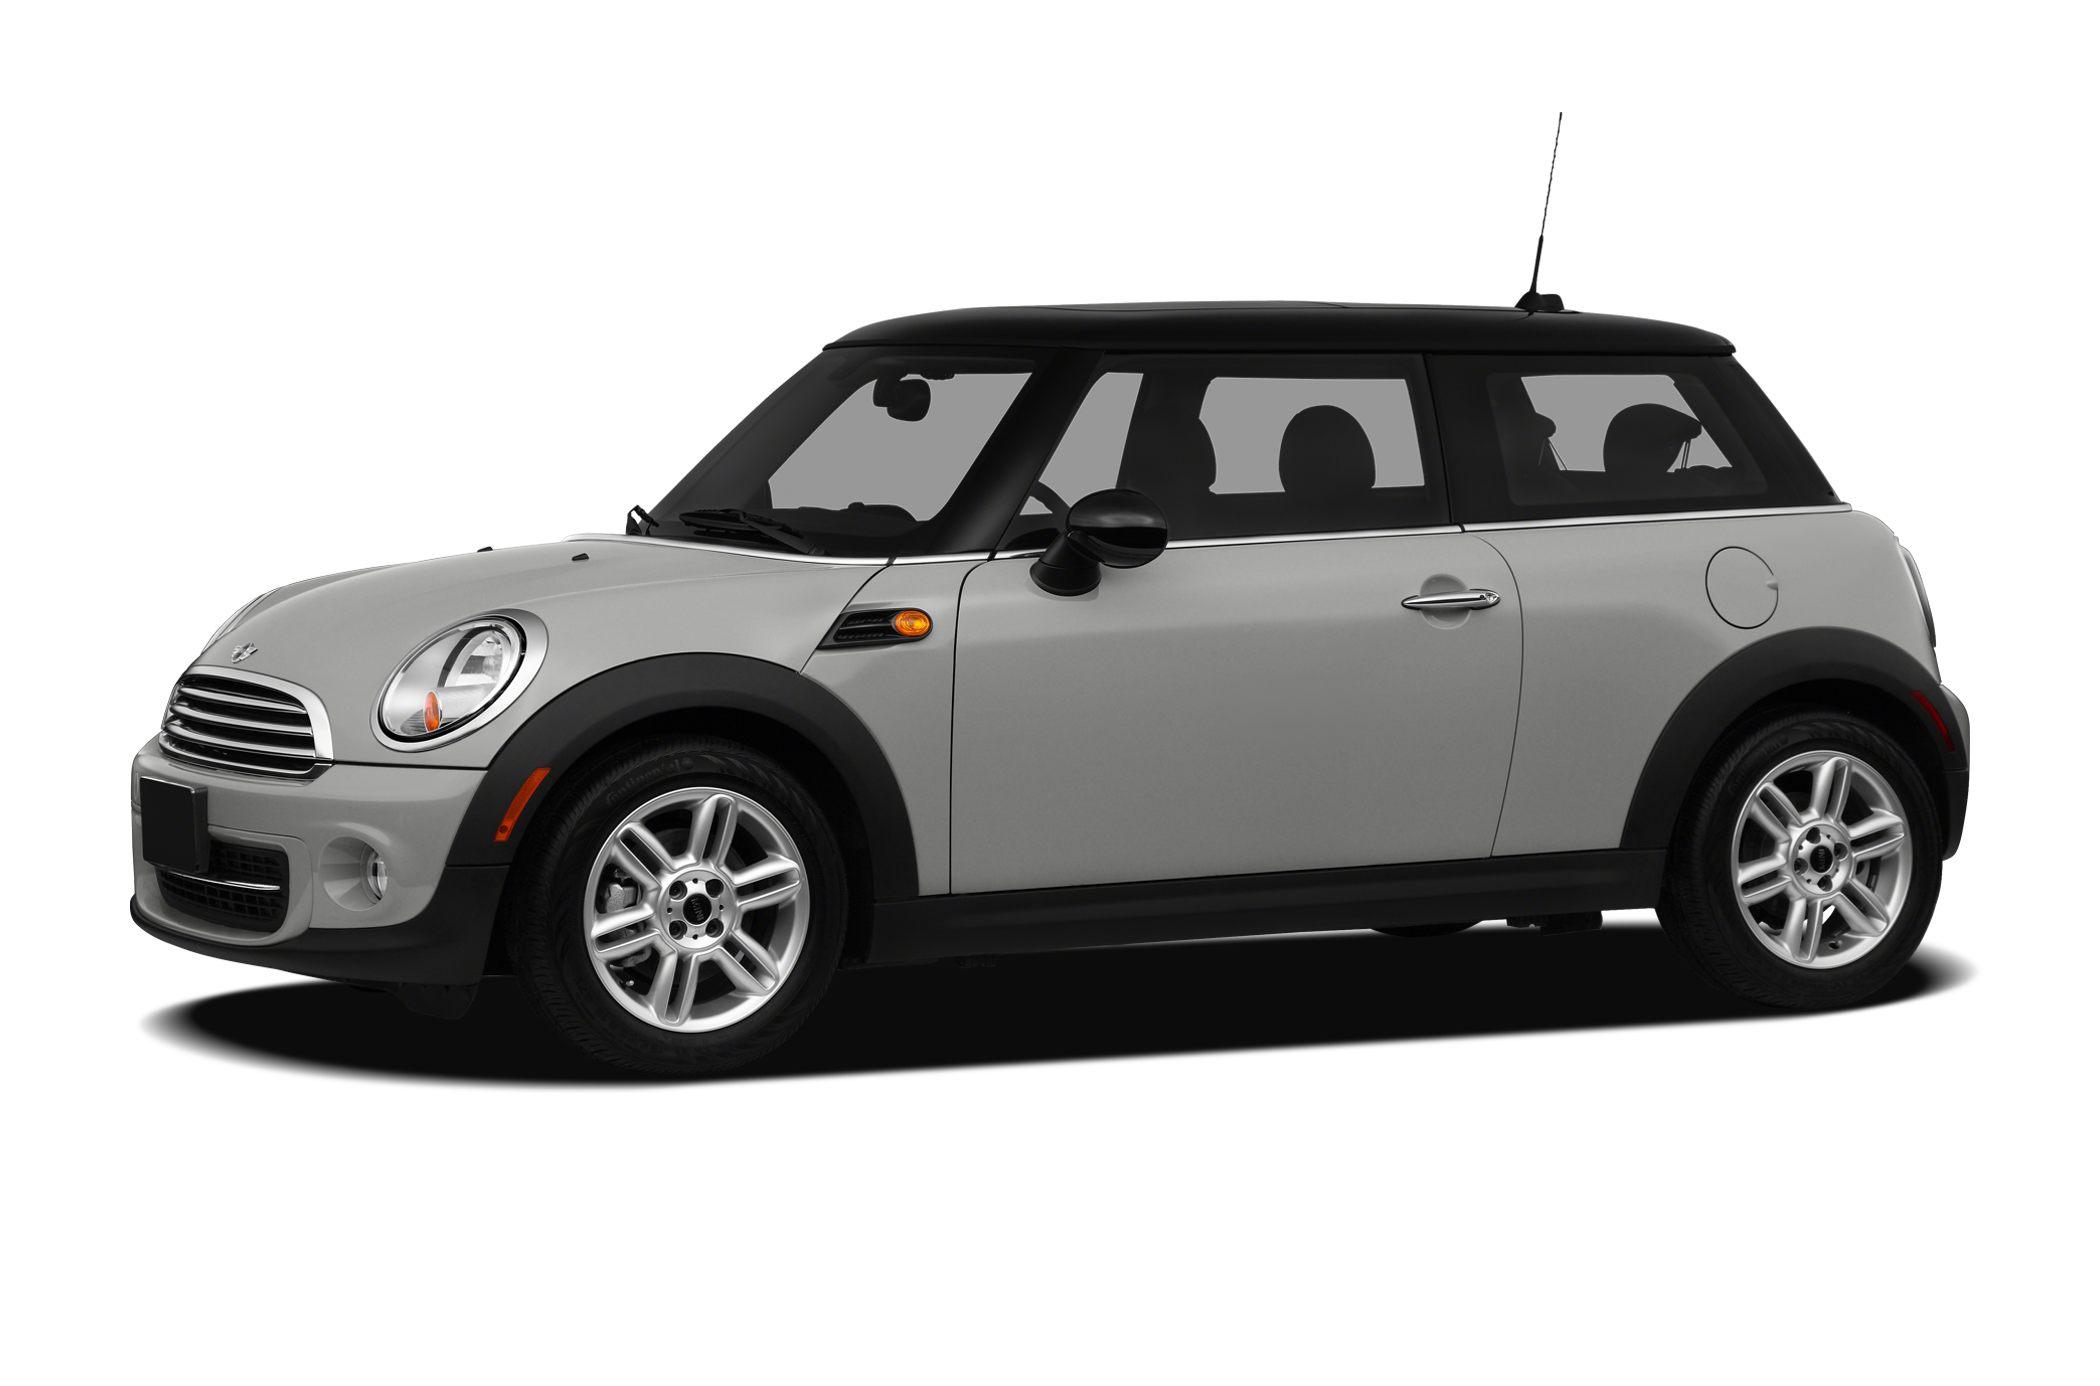 Mini Car Reviews Ratings